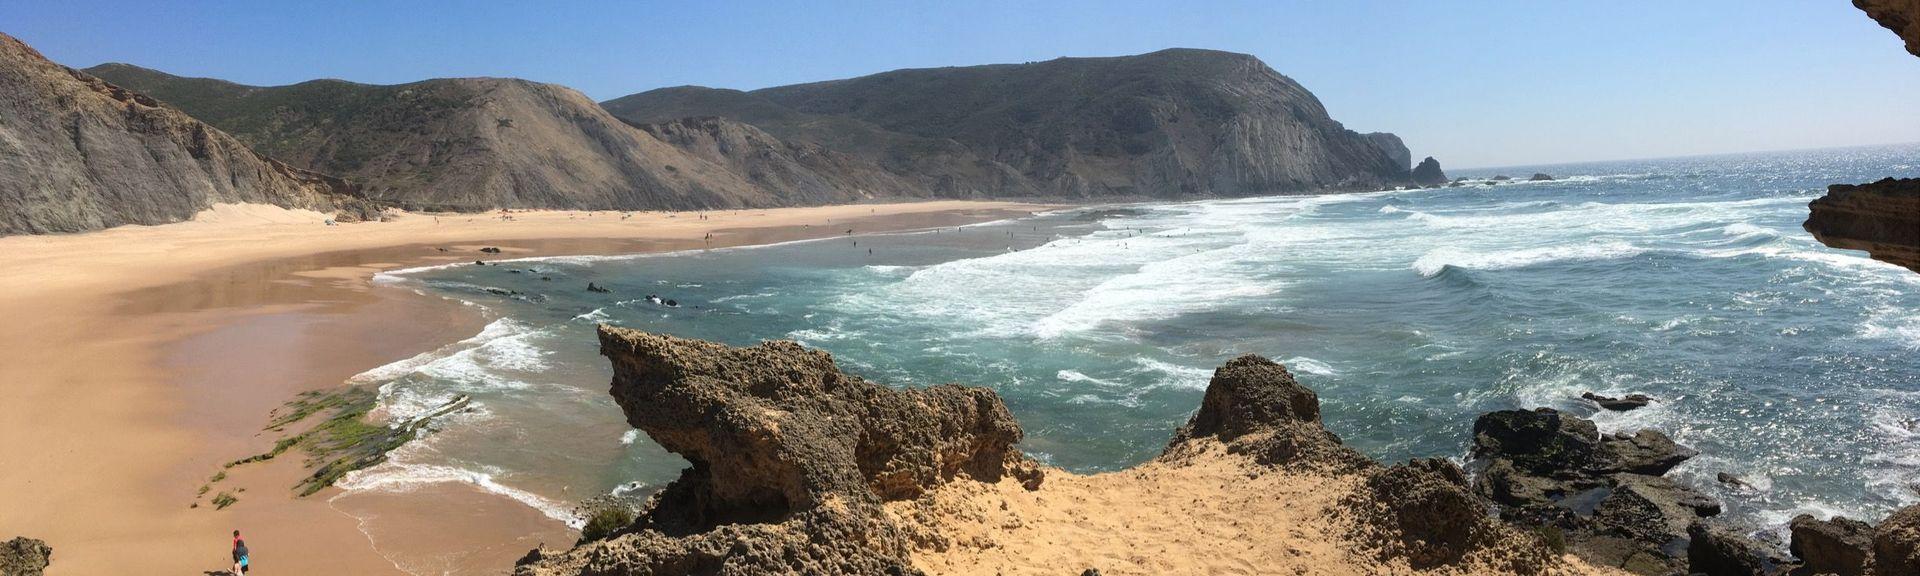 Praia do Mirouço, Vila do Bispo, Distrikt Faro, Portugal